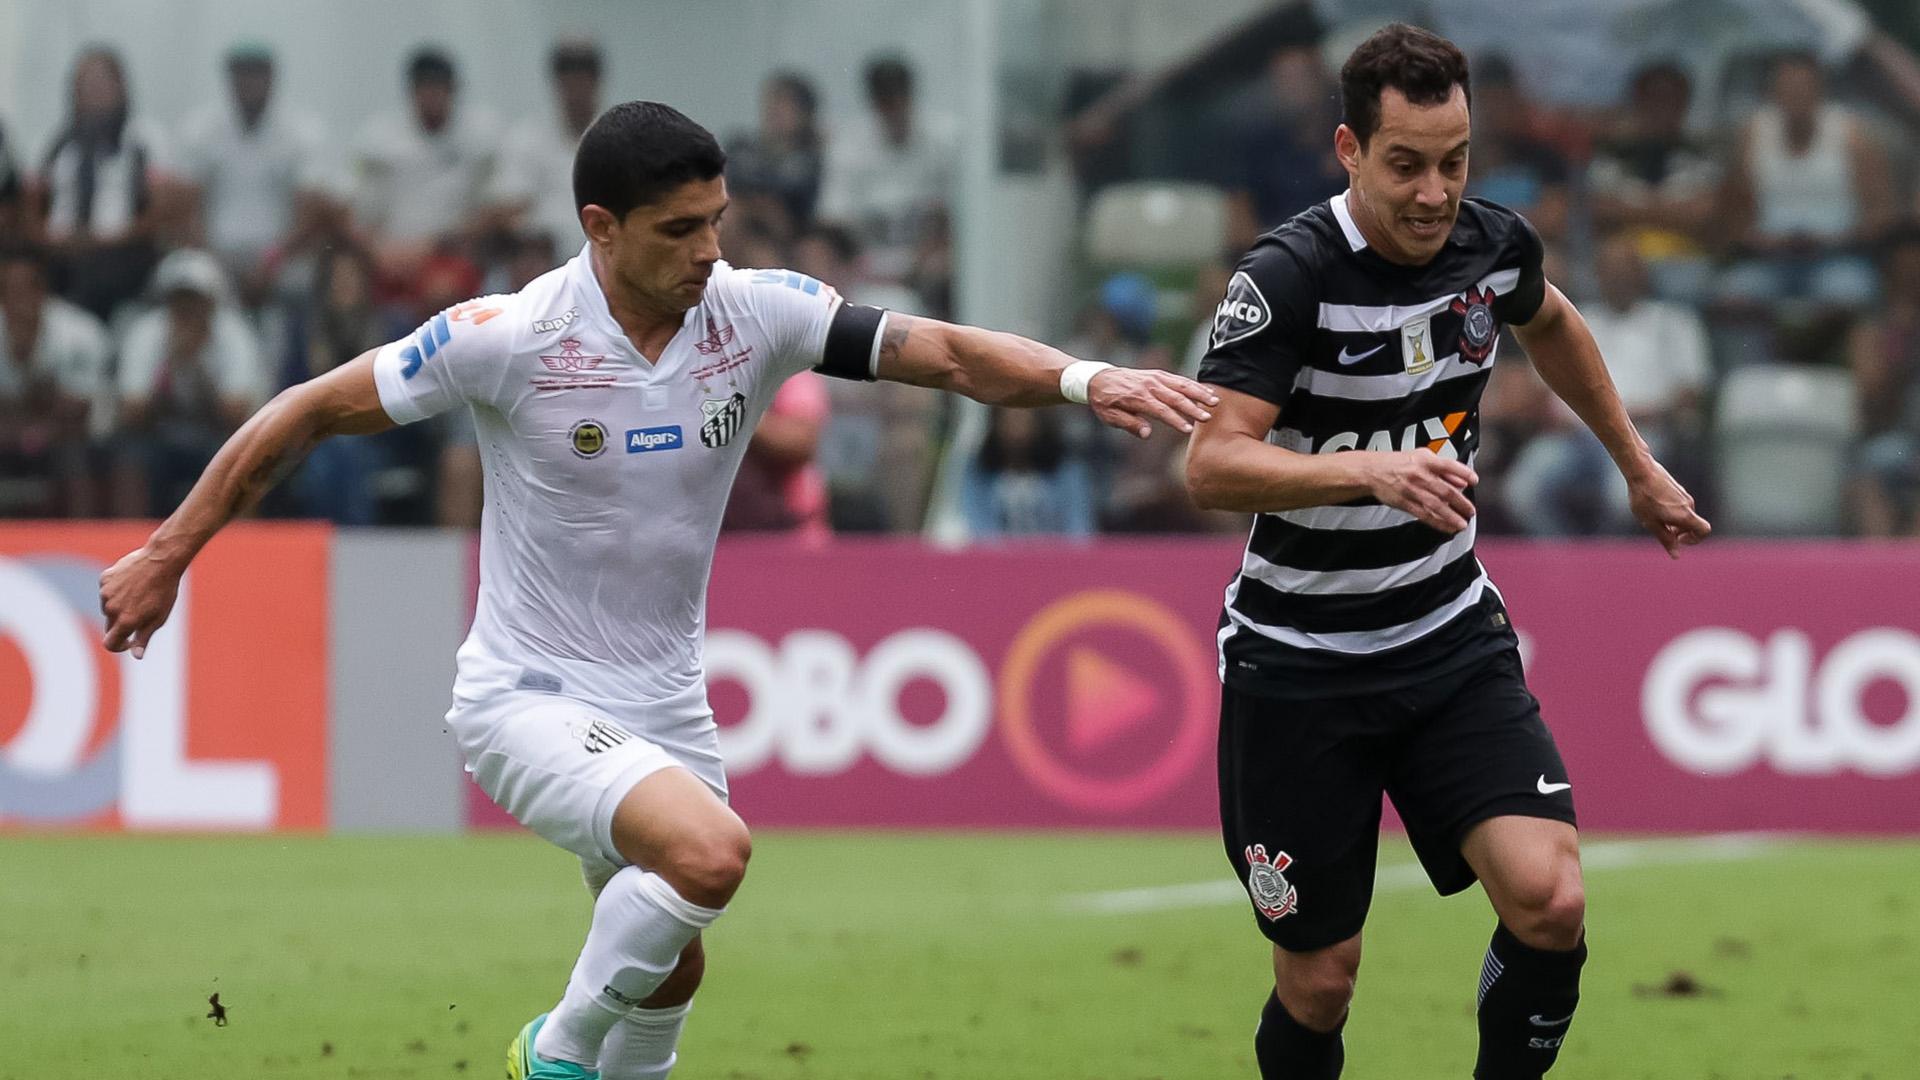 El Corinthians vs Santos dejó un muerto y varios heridos